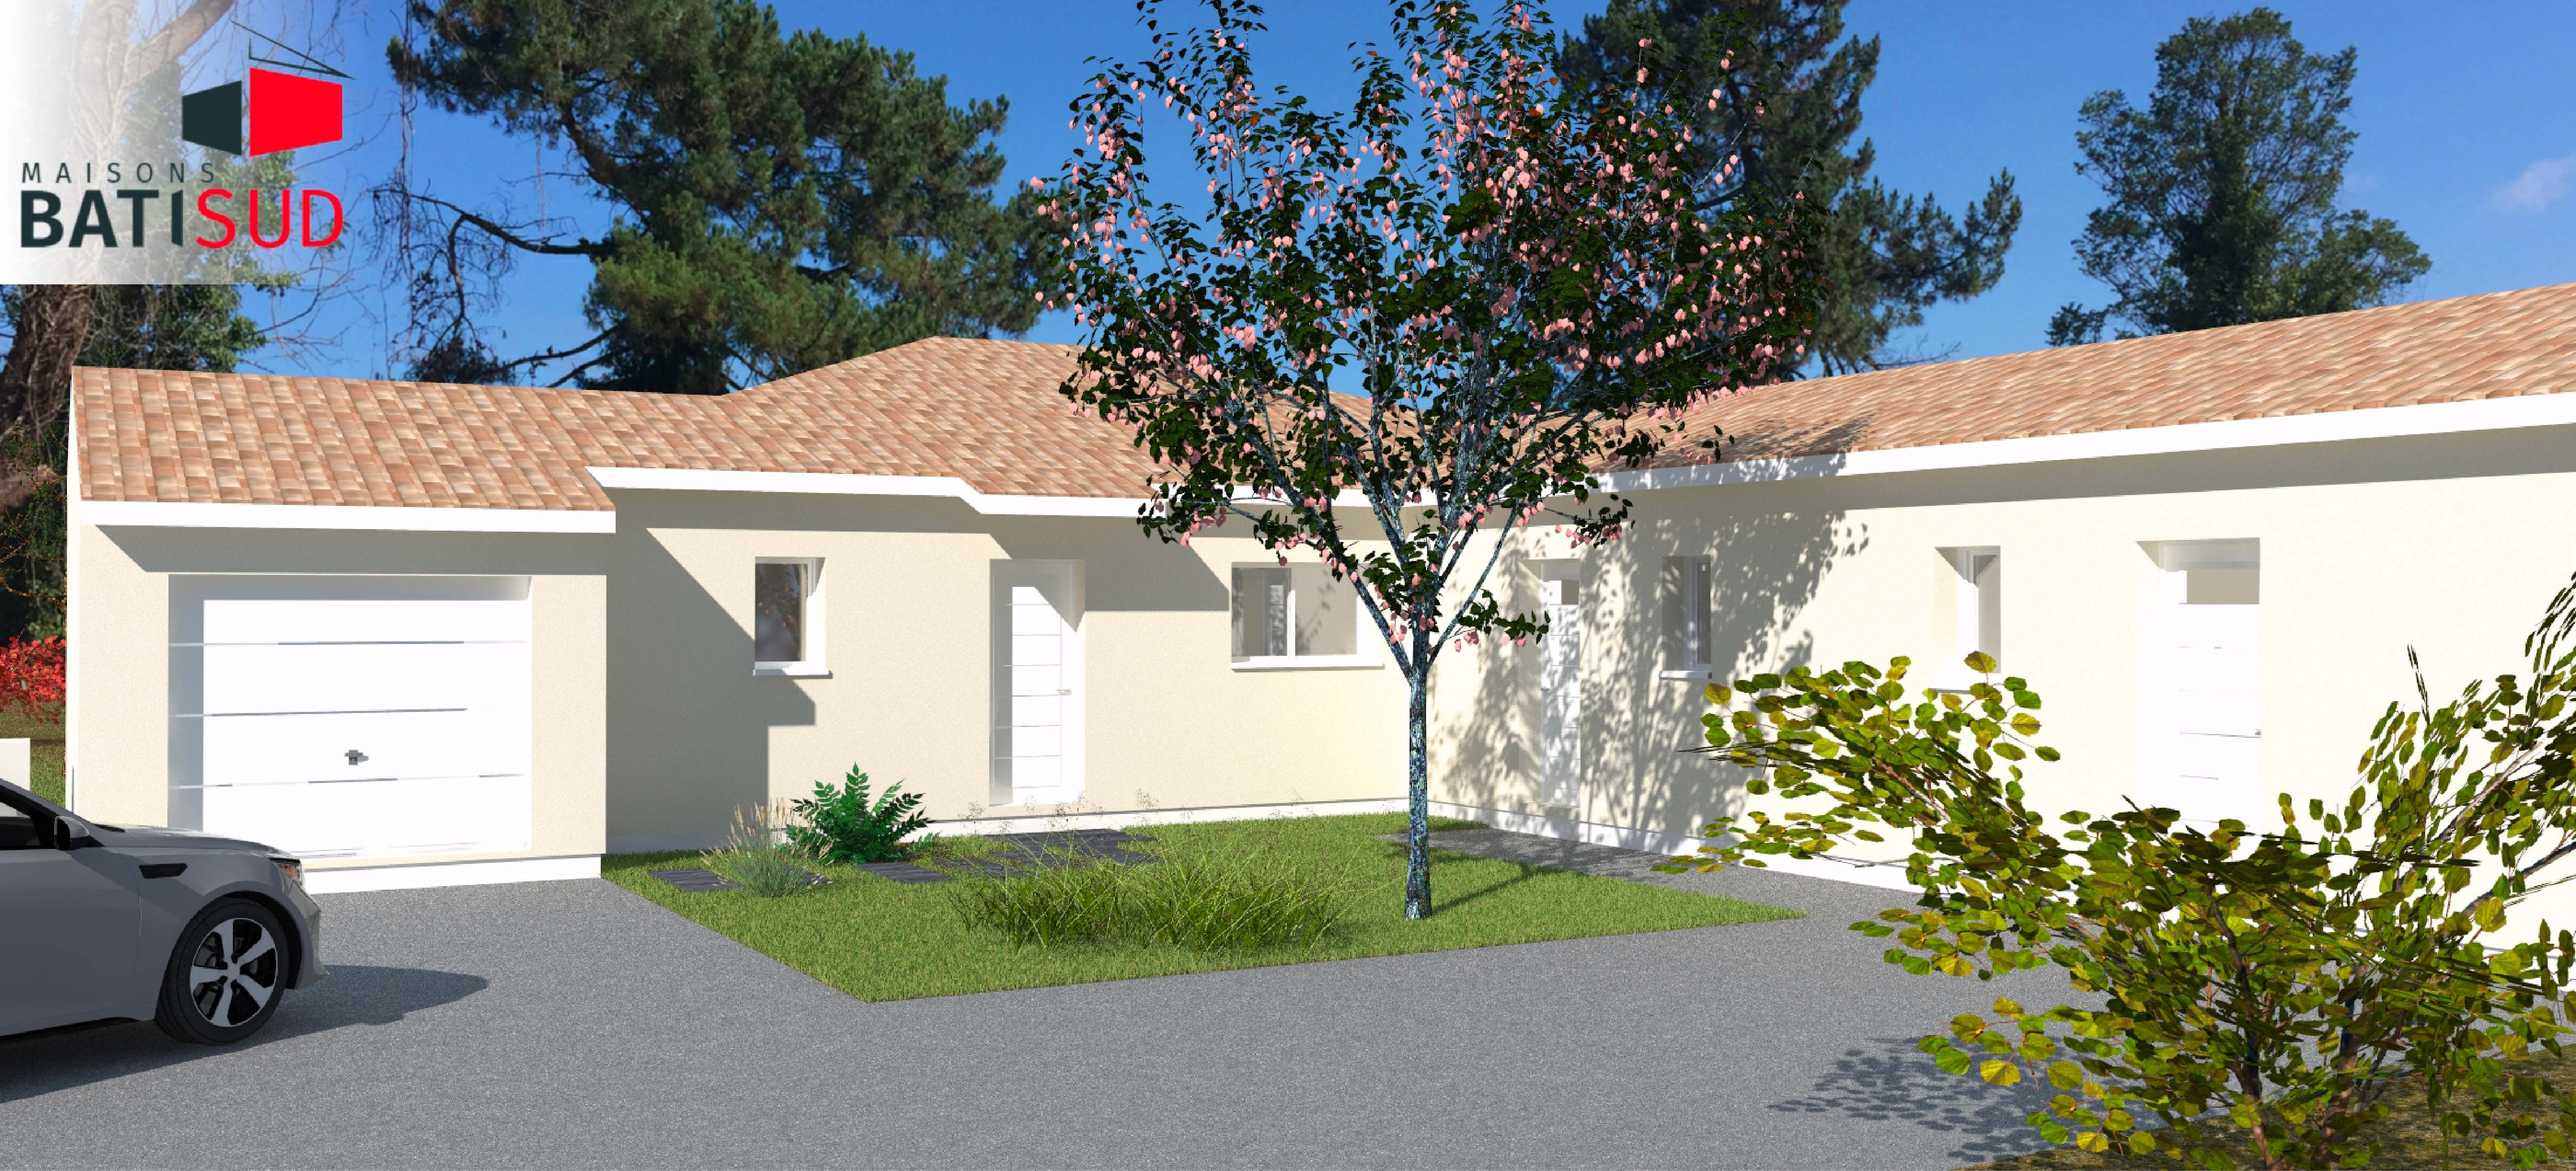 Maisons Bati Sud : permis de construire accepté à Hourtin- Garage